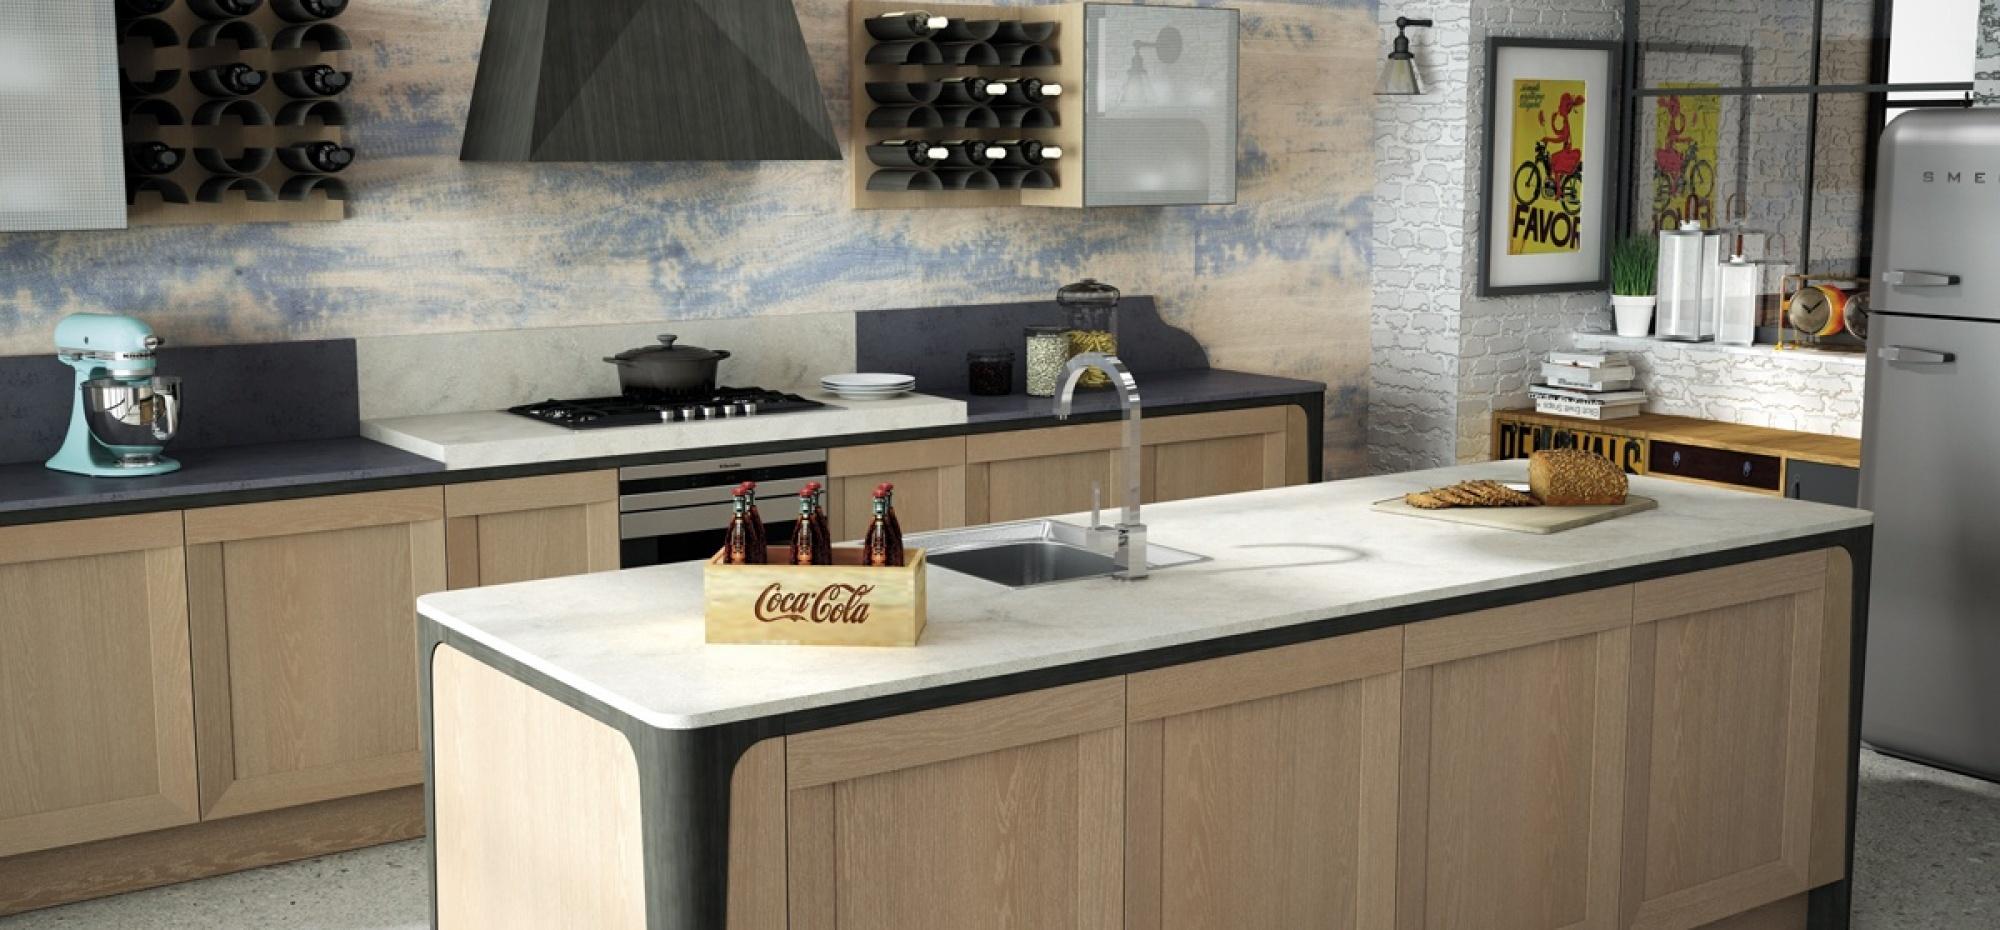 Cucine Berloni Moderne - Arredamenti Paoletti